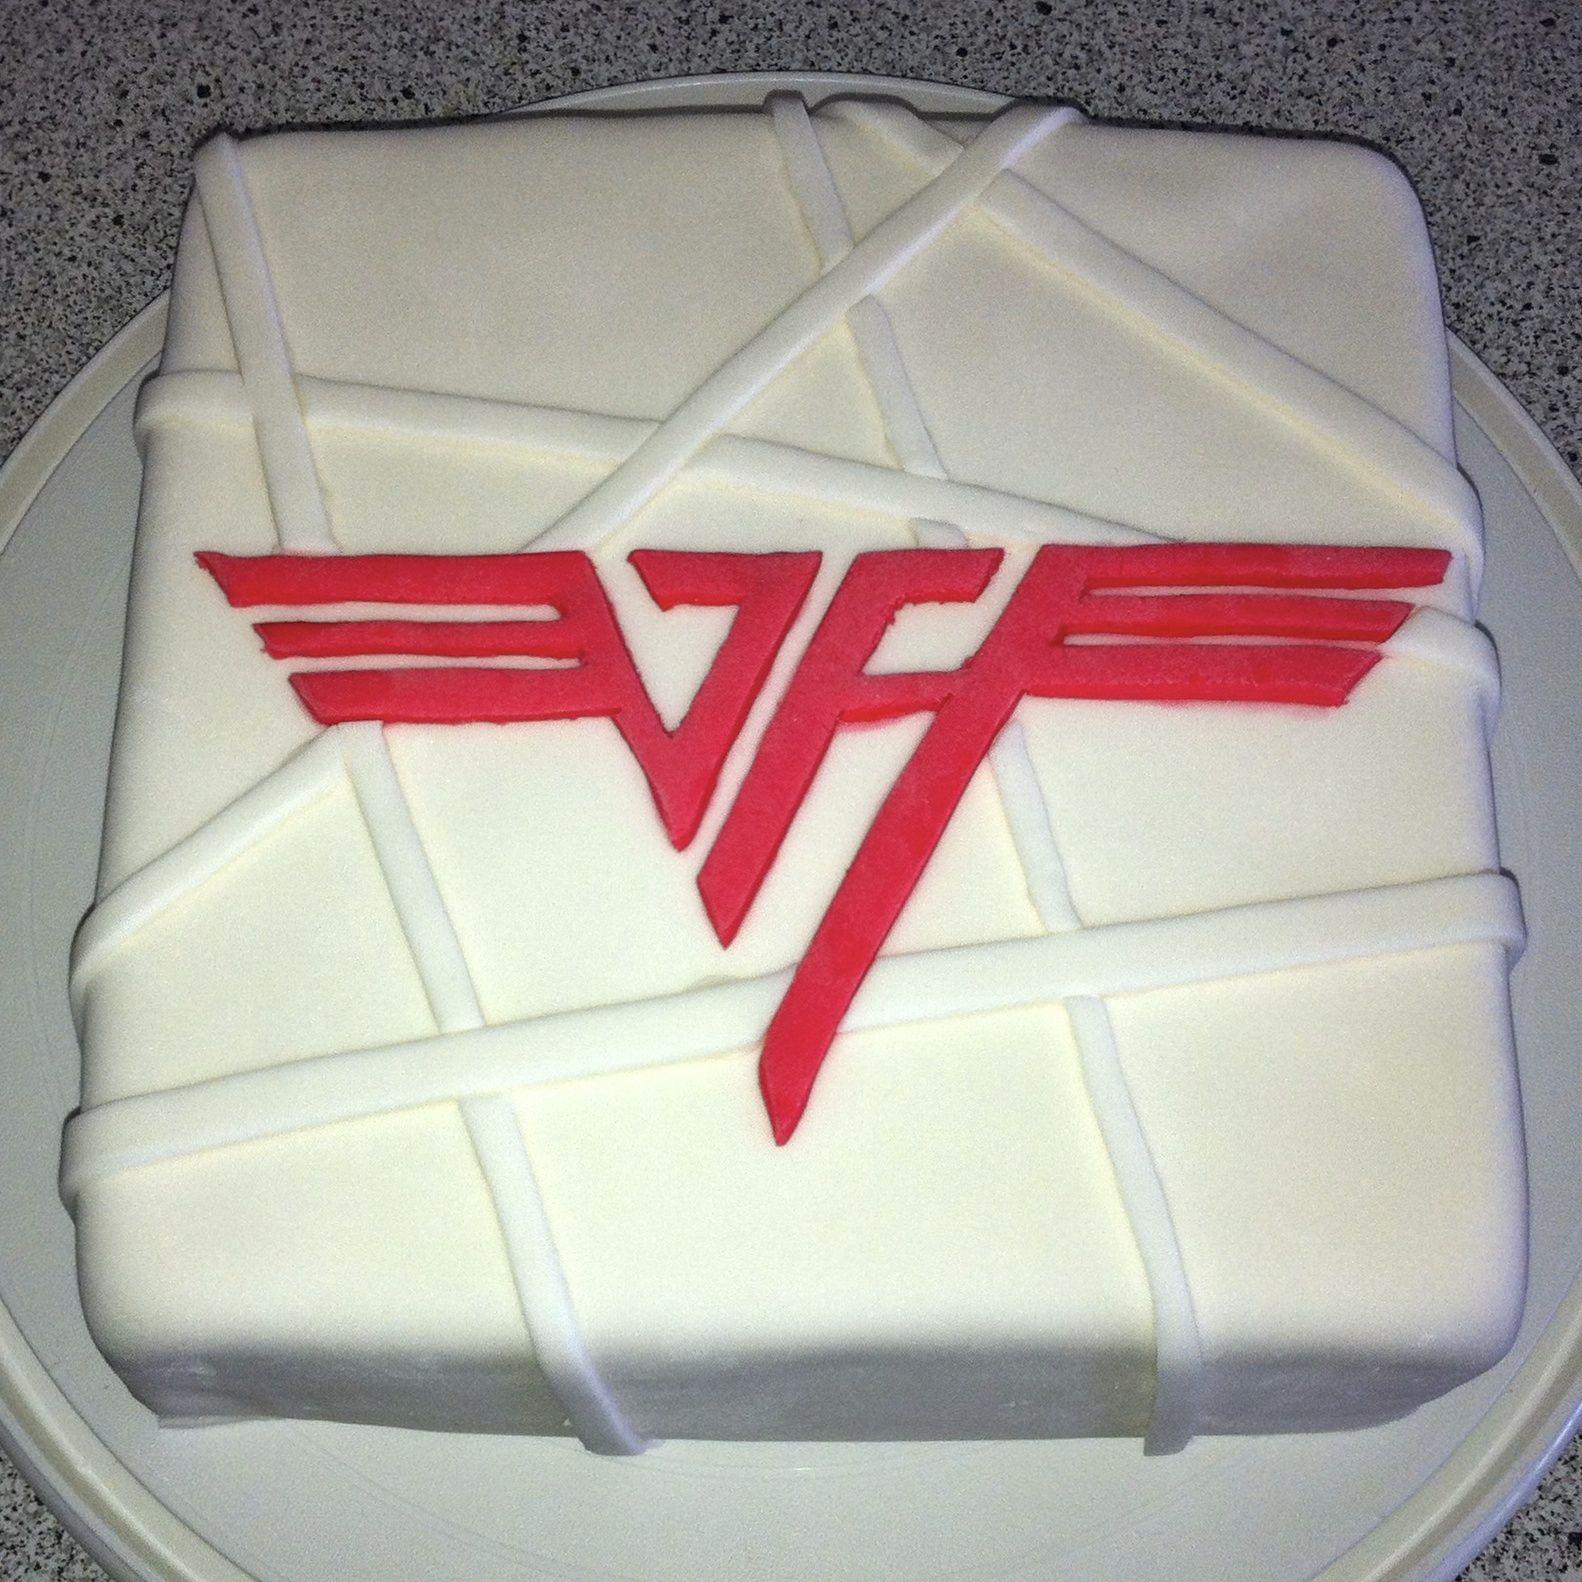 Pin By Felicia Martinez On Van Halen In 2020 Van Halen Van Halen Lyrics Boy Birthday